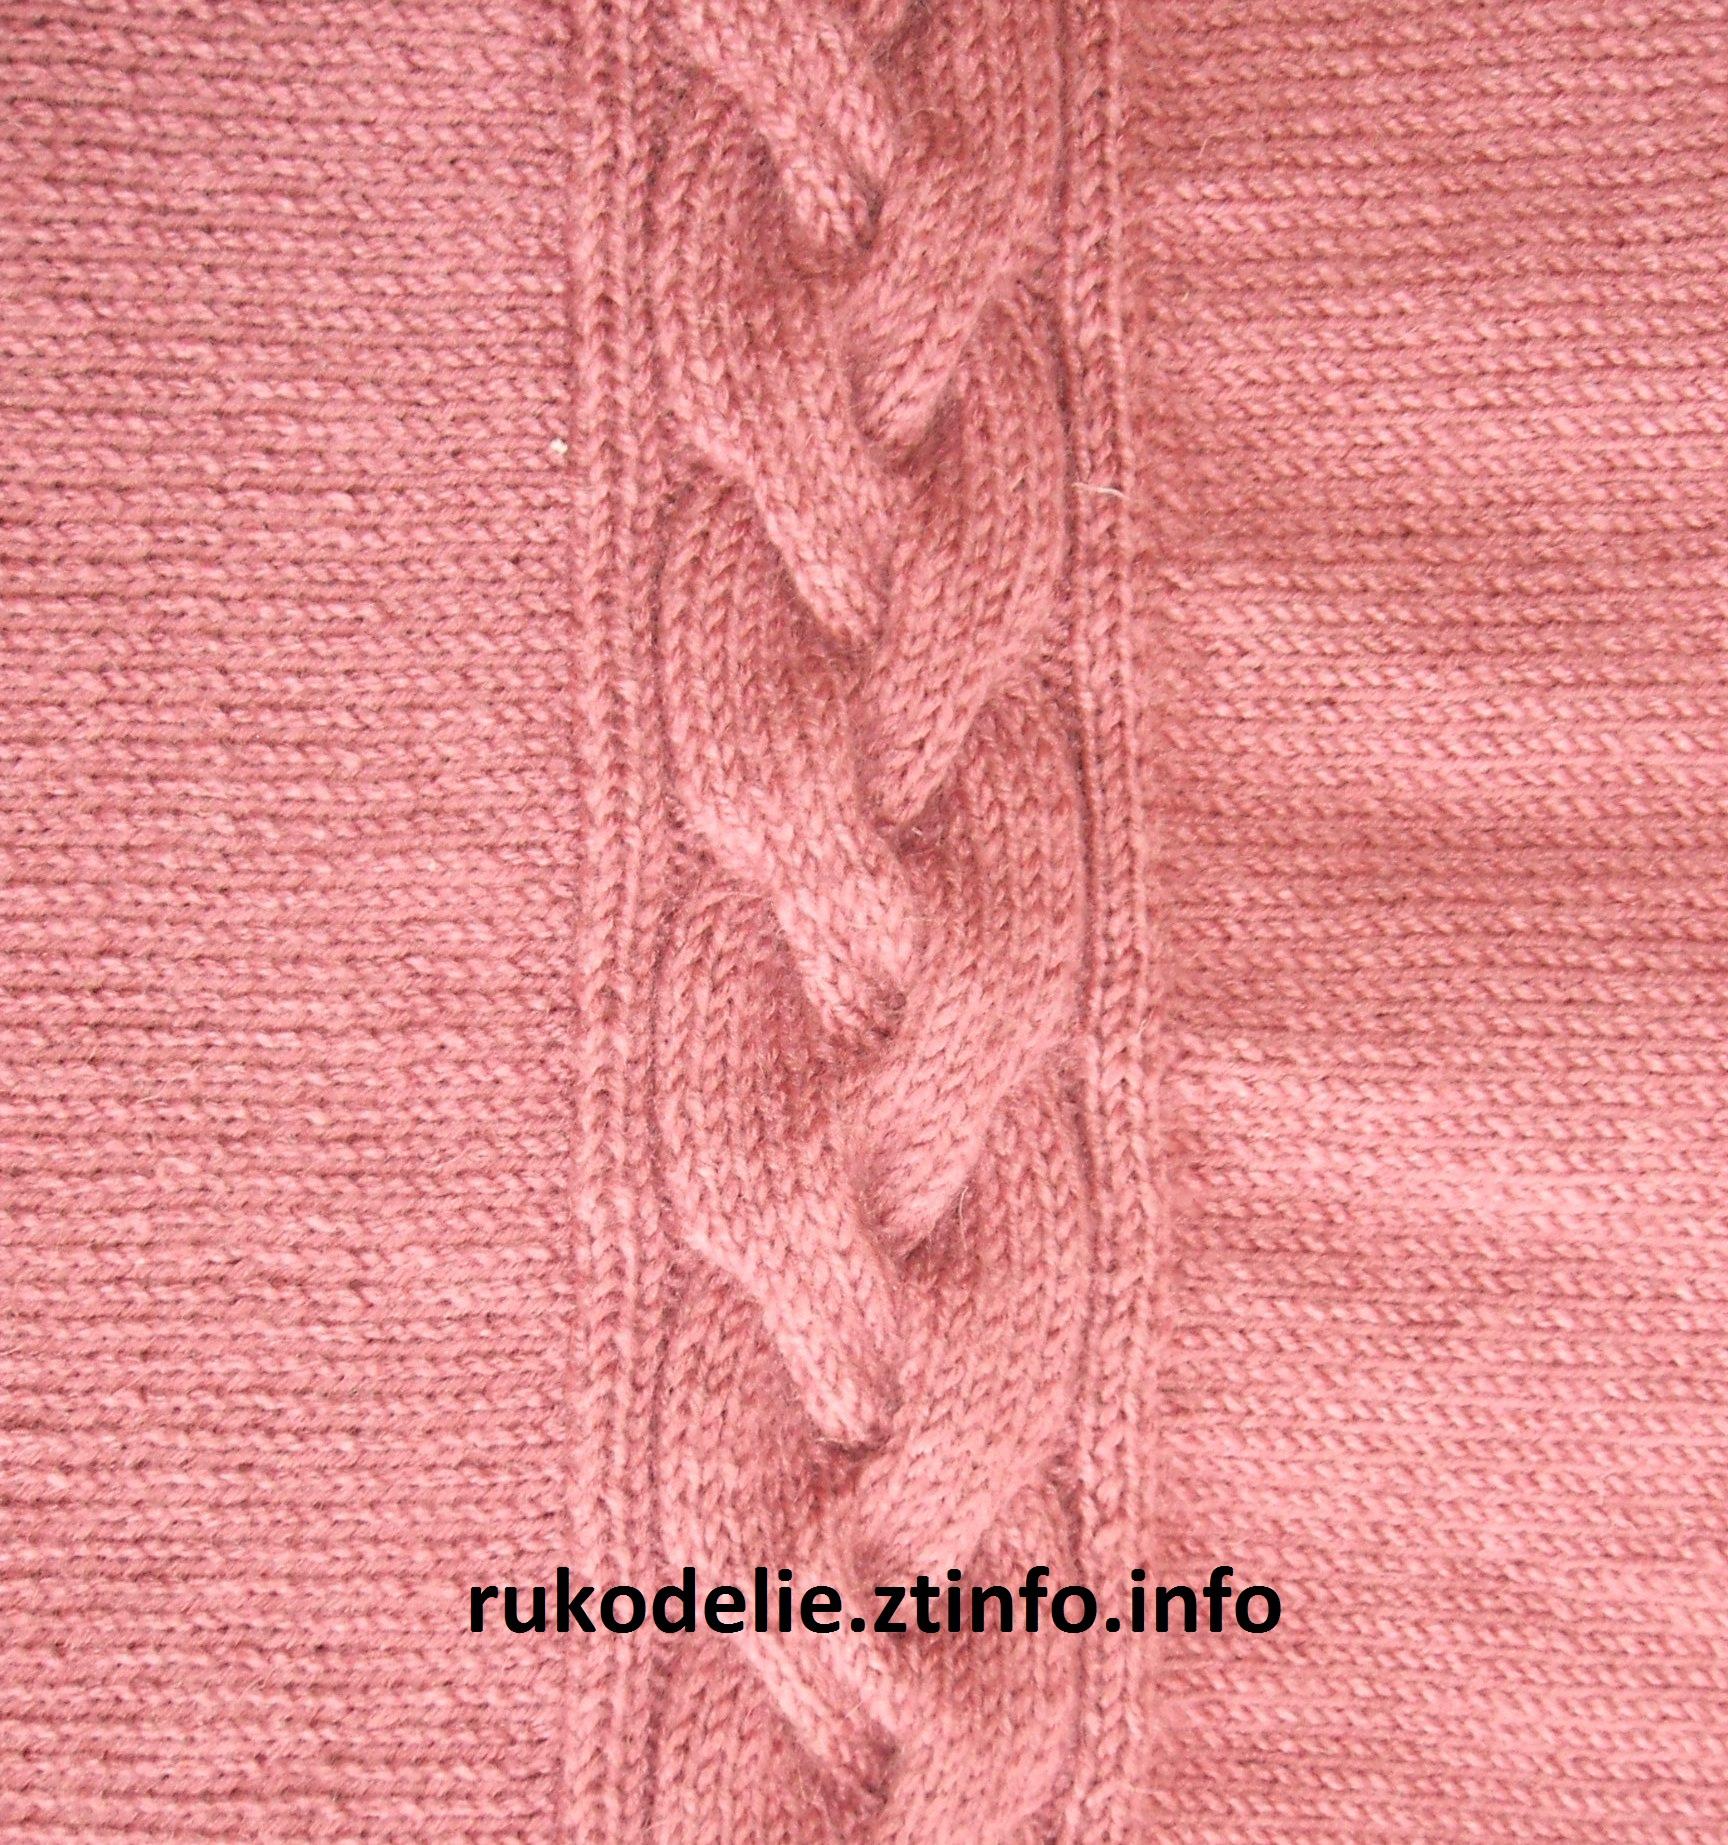 Схемы вязания крючком грелок на